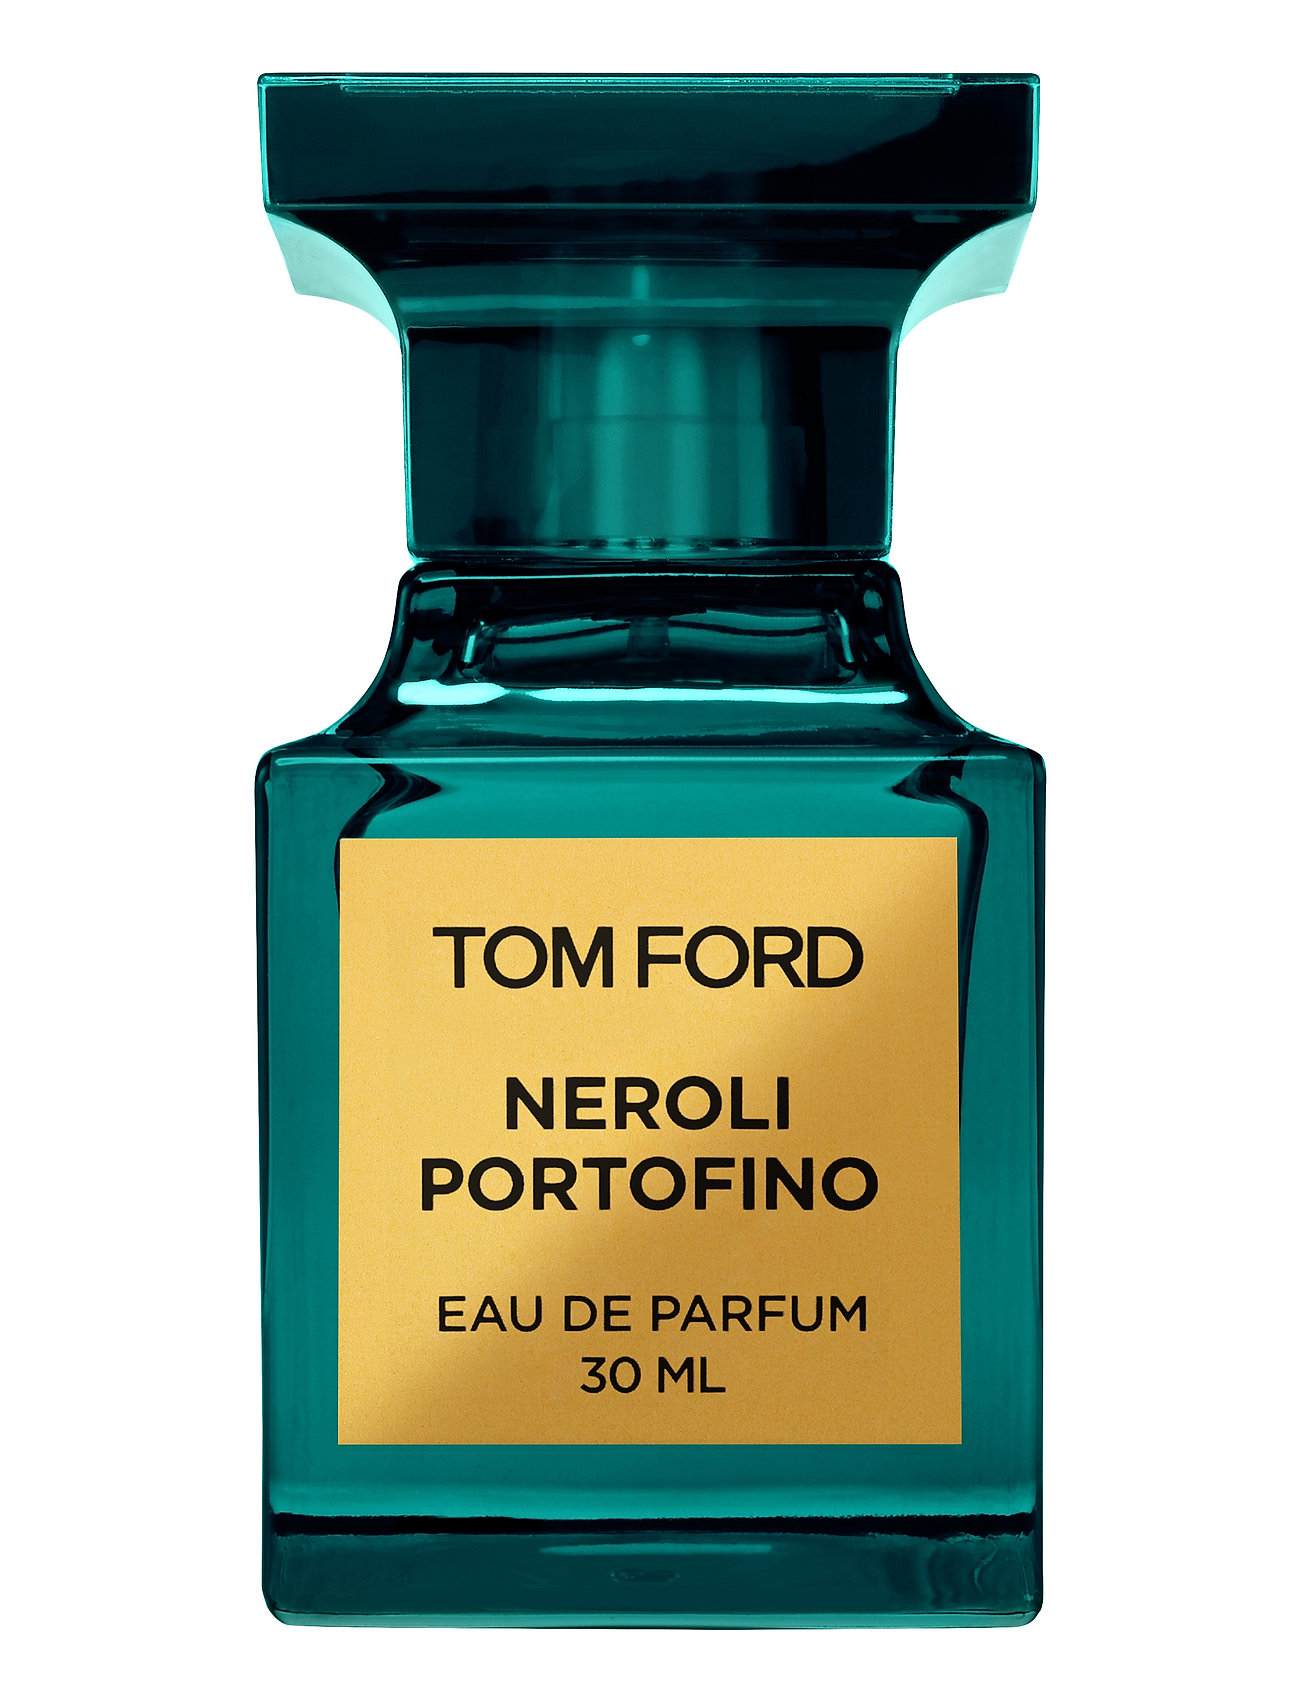 tom ford Neroli portofino eau de parfum fra boozt.com dk